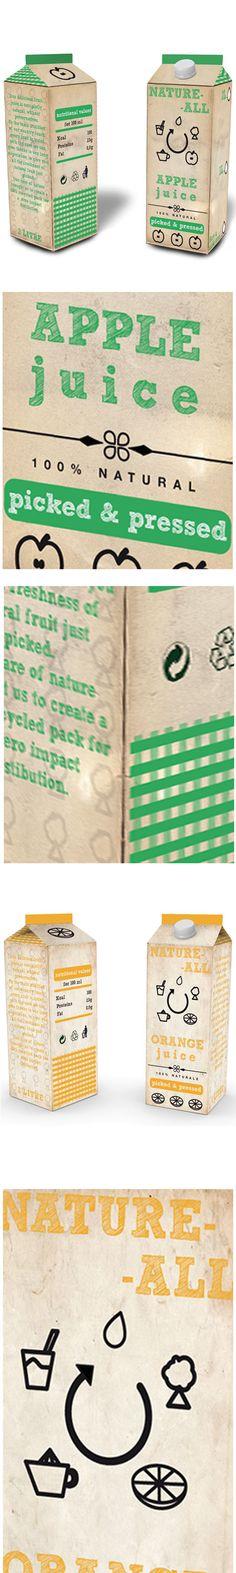 Natural apple juice packaging